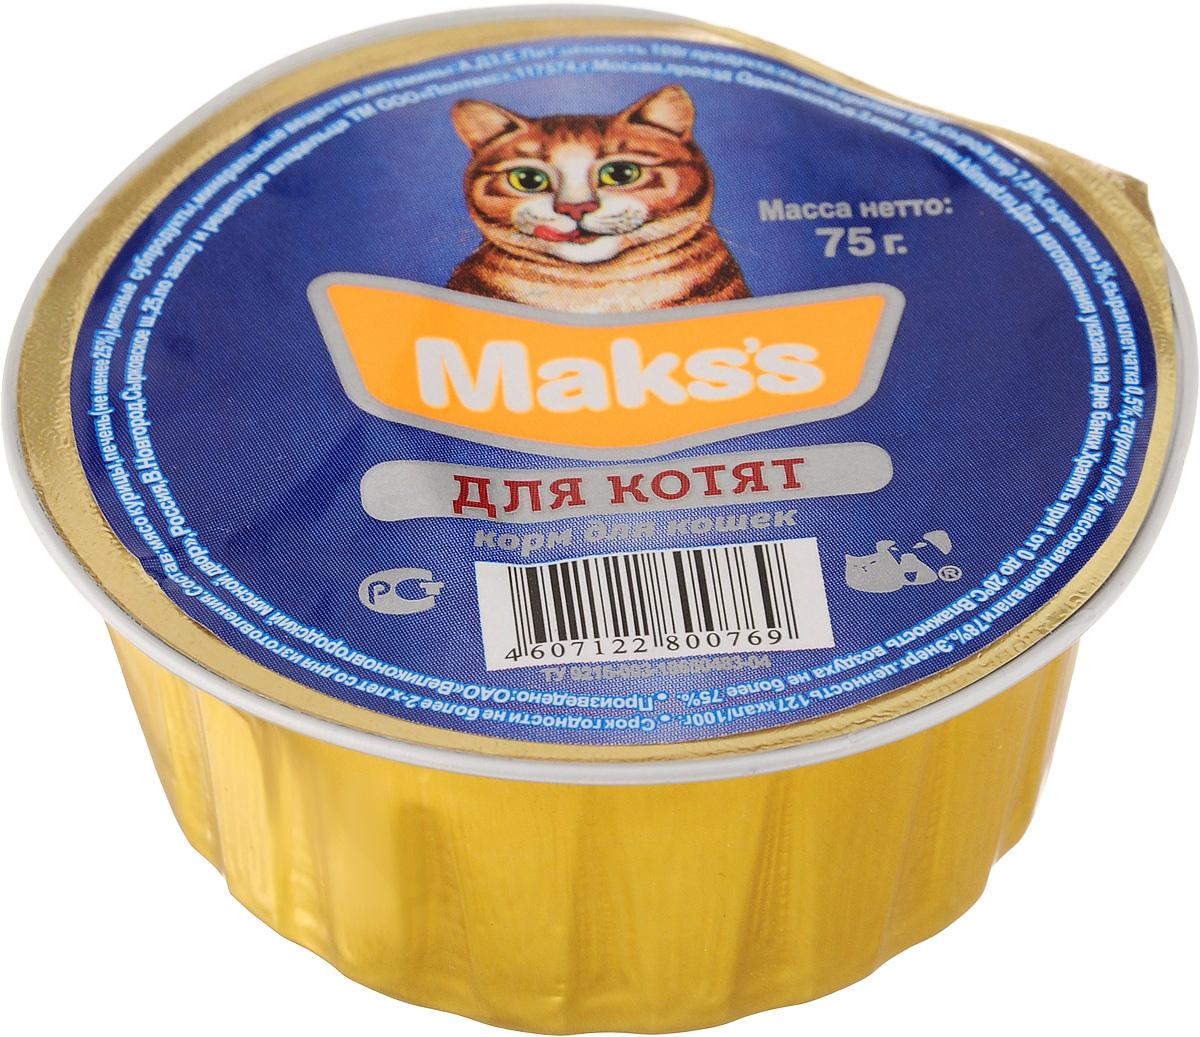 Консервы для котят Makss, 75 г0769Консервированный корм Makss - это сбалансированное и полнорационное питание для котят, которое обеспечит вашего питомца необходимыми белками, жирами, витаминами и микроэлементами. Состав корма идеально подходит для кормления котенка. Удобная одноразовая упаковка сохраняет корм свежим и позволяет контролировать порцию потребления. Состав: курица, печень (не менее 25%), мясные субпродукты, печень, минеральные вещества, витамины А, D3, Е. Питательная ценность 100 г продукта: протеин 15%, жир 7,5%, зола 3%, клетчатка 0,5%, таурин 0,02%, массовая доля влаги 78%. Товар сертифицирован.